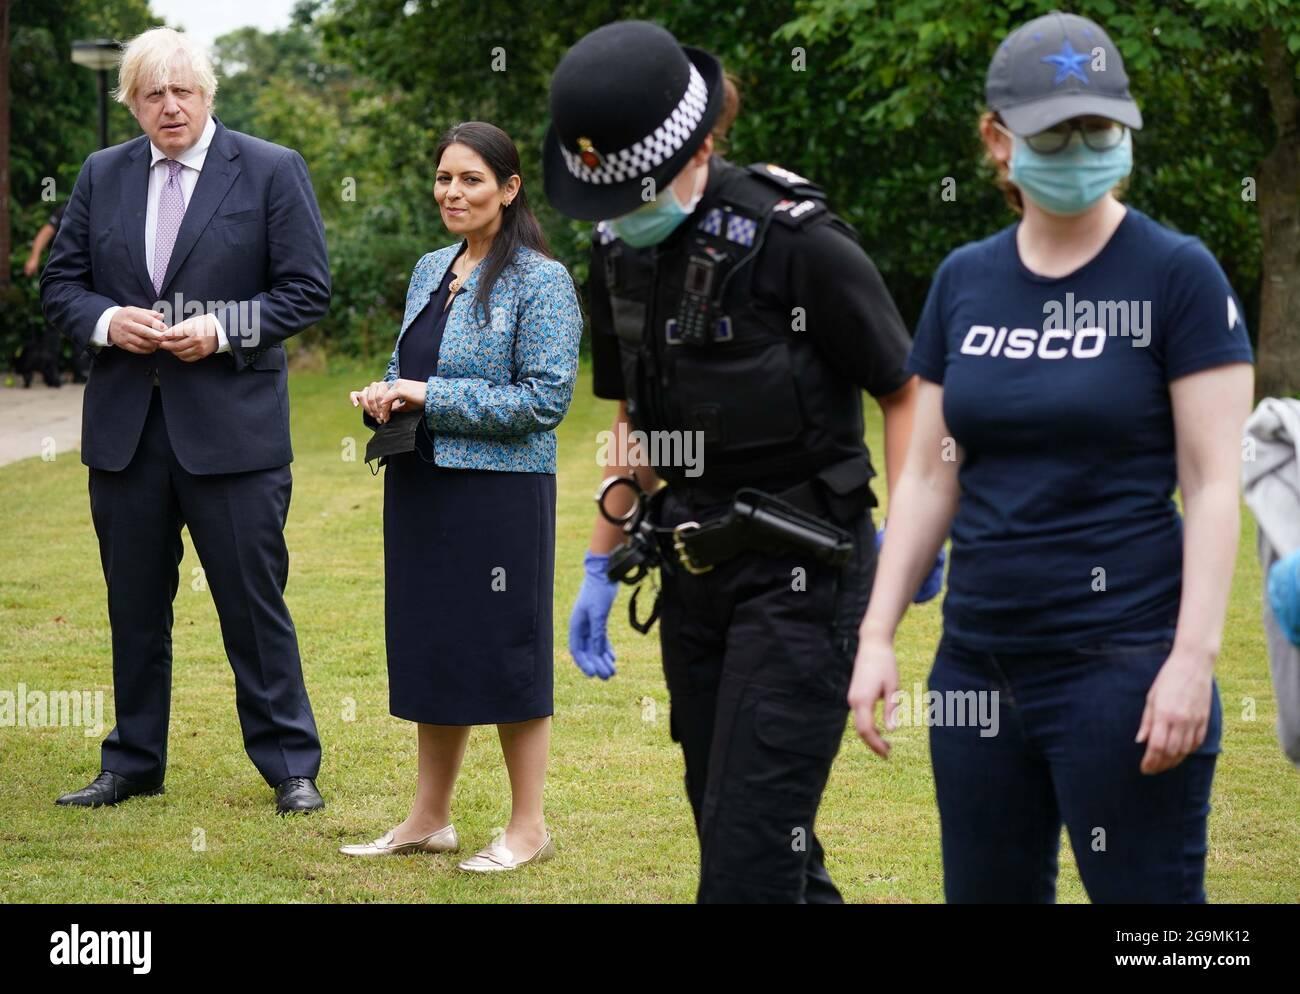 Le Premier ministre Boris Johnson et le secrétaire d'État à l'intérieur, Priti Patel, regardent un exercice de recherche au cours d'une visite au quartier général de la police de Surrey à Guildford, dans le Surrey, pour coïncider avec la publication du Plan de lutte contre le crime du gouvernement. Date de la photo: Mardi 27 juillet 2021. Banque D'Images